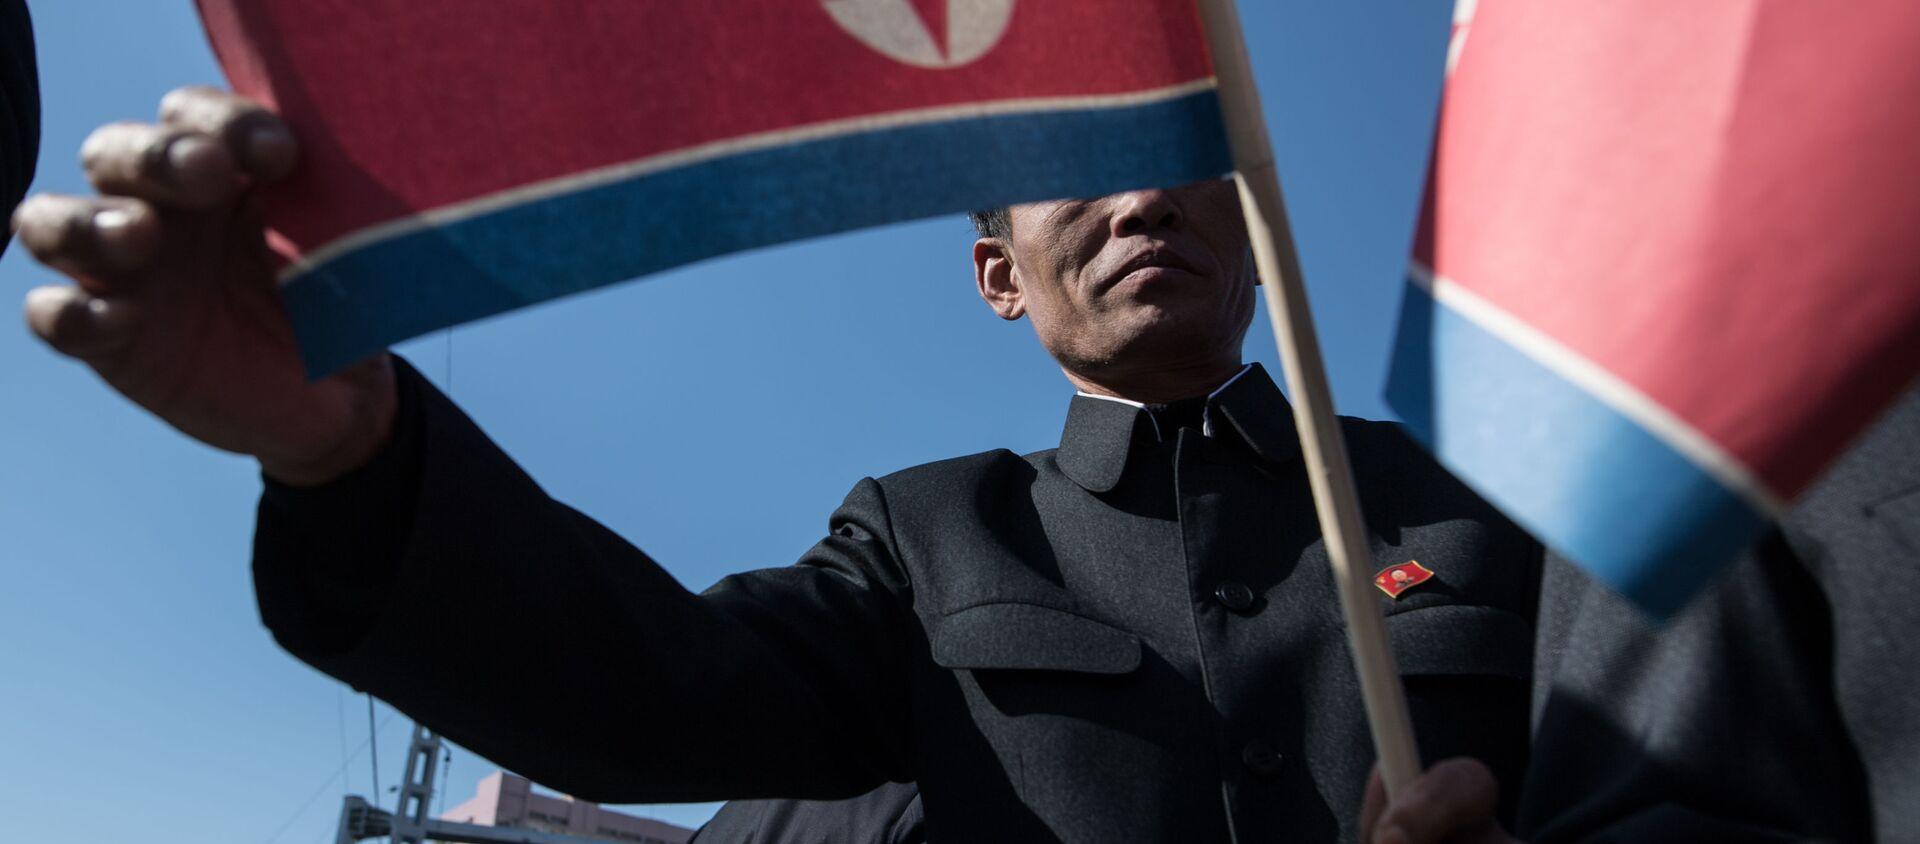 北朝鮮 台風とパンデミックで食糧不足に - Sputnik 日本, 1920, 21.06.2021